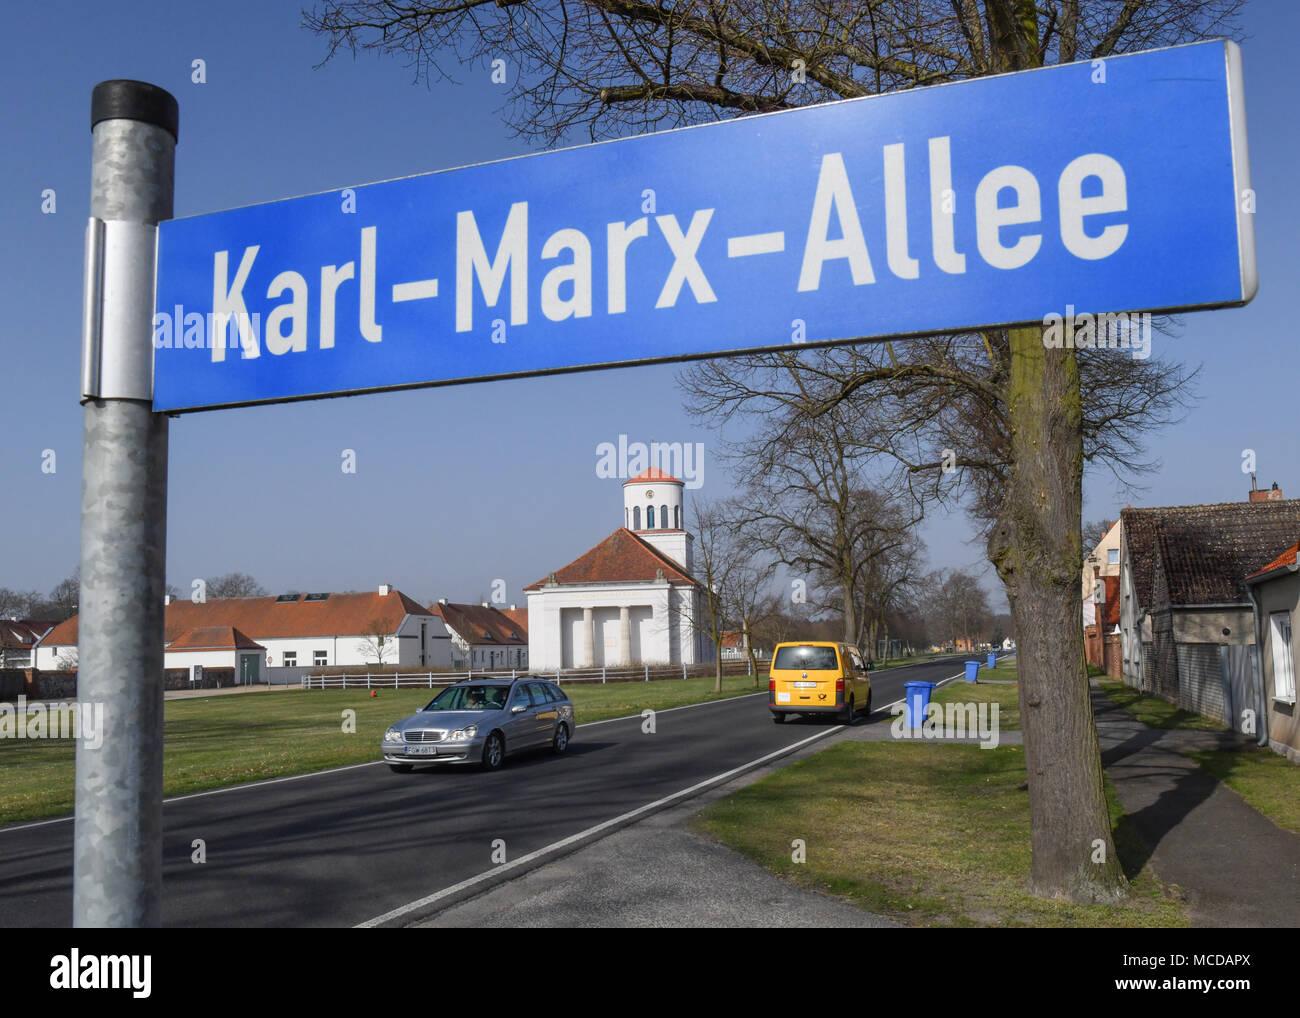 10 de abril de 2018, Alemania, Neuhardenberg: una calle signe lee Karl-Marx-Allee. La ciudad fue conocida como Marxwalde previoulsy después del filósofo alemán, economista y teórico social Karl Marx (Mayo 05 de 1818 - 14 de marzo de 1883) durante la época de la RDA y cambiarle el nombre a Neuhardenberg después de la caída del Muro de Berlín. Foto: Patrick Pleul/dpa-Zentralbild/dpa Foto de stock